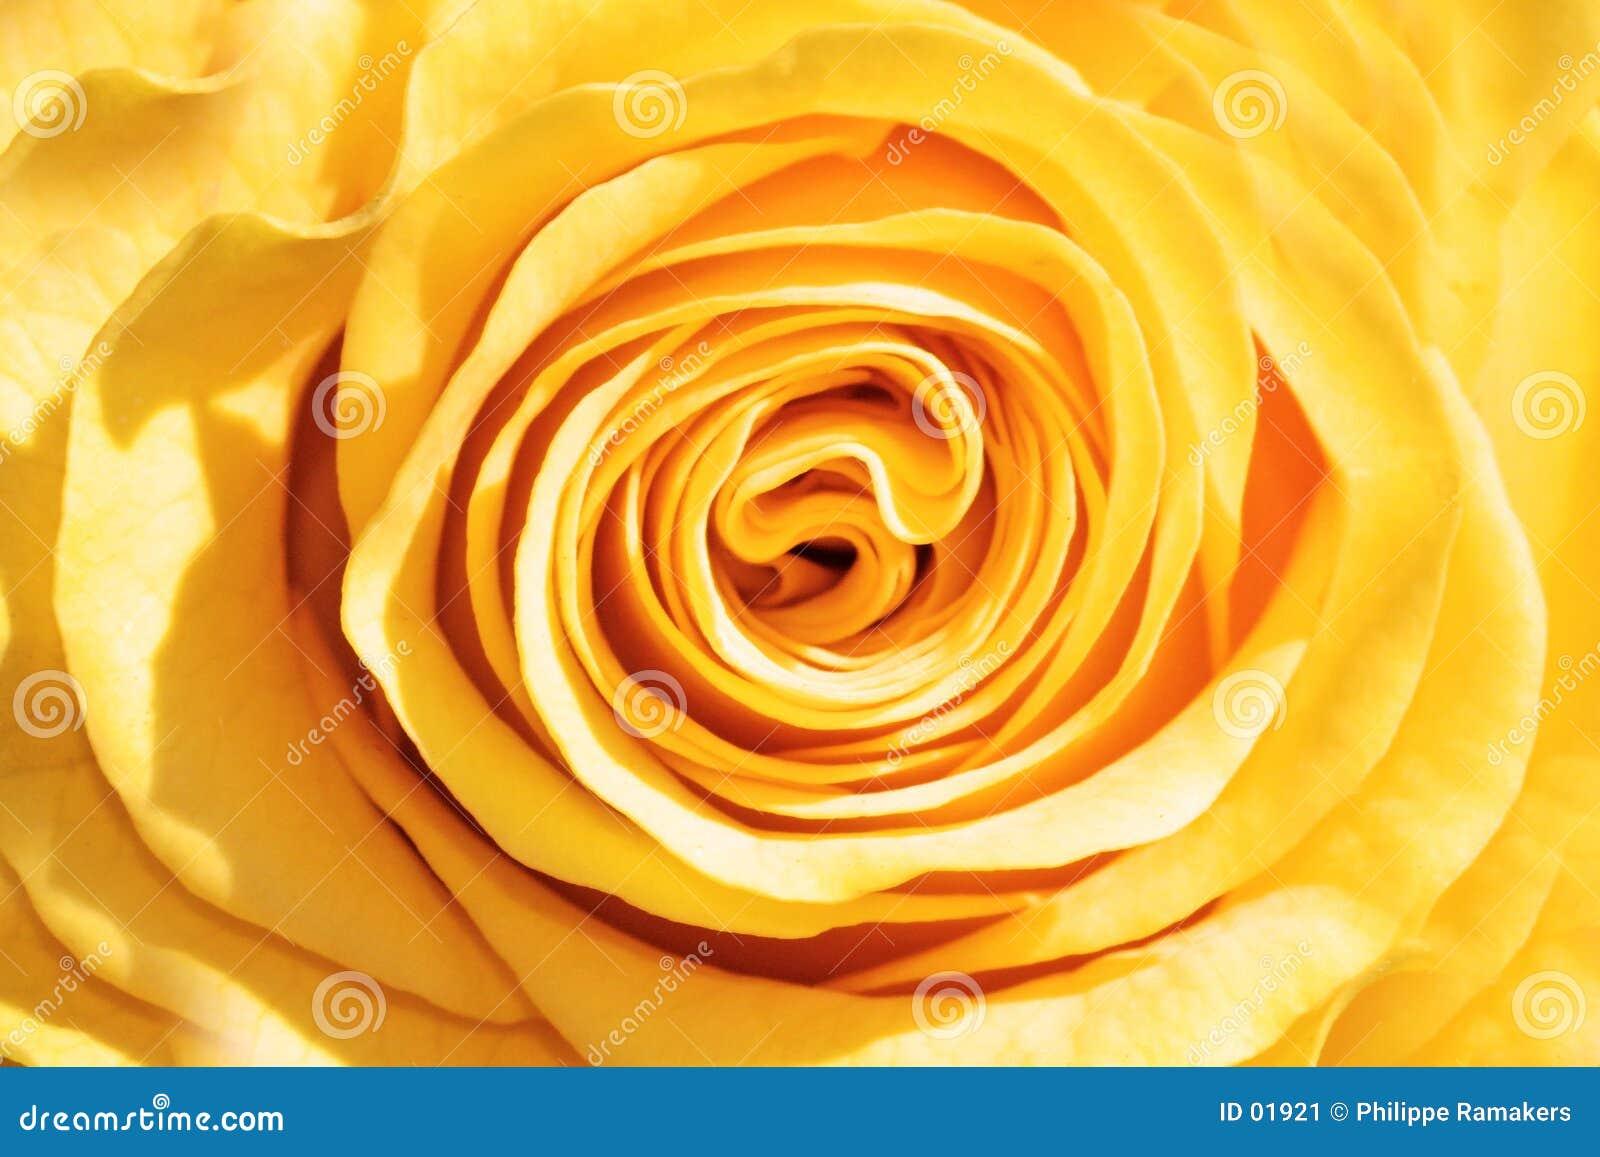 Il colore giallo aumentato immagine stock immagine 1921 for Kiwi giallo piante acquisto